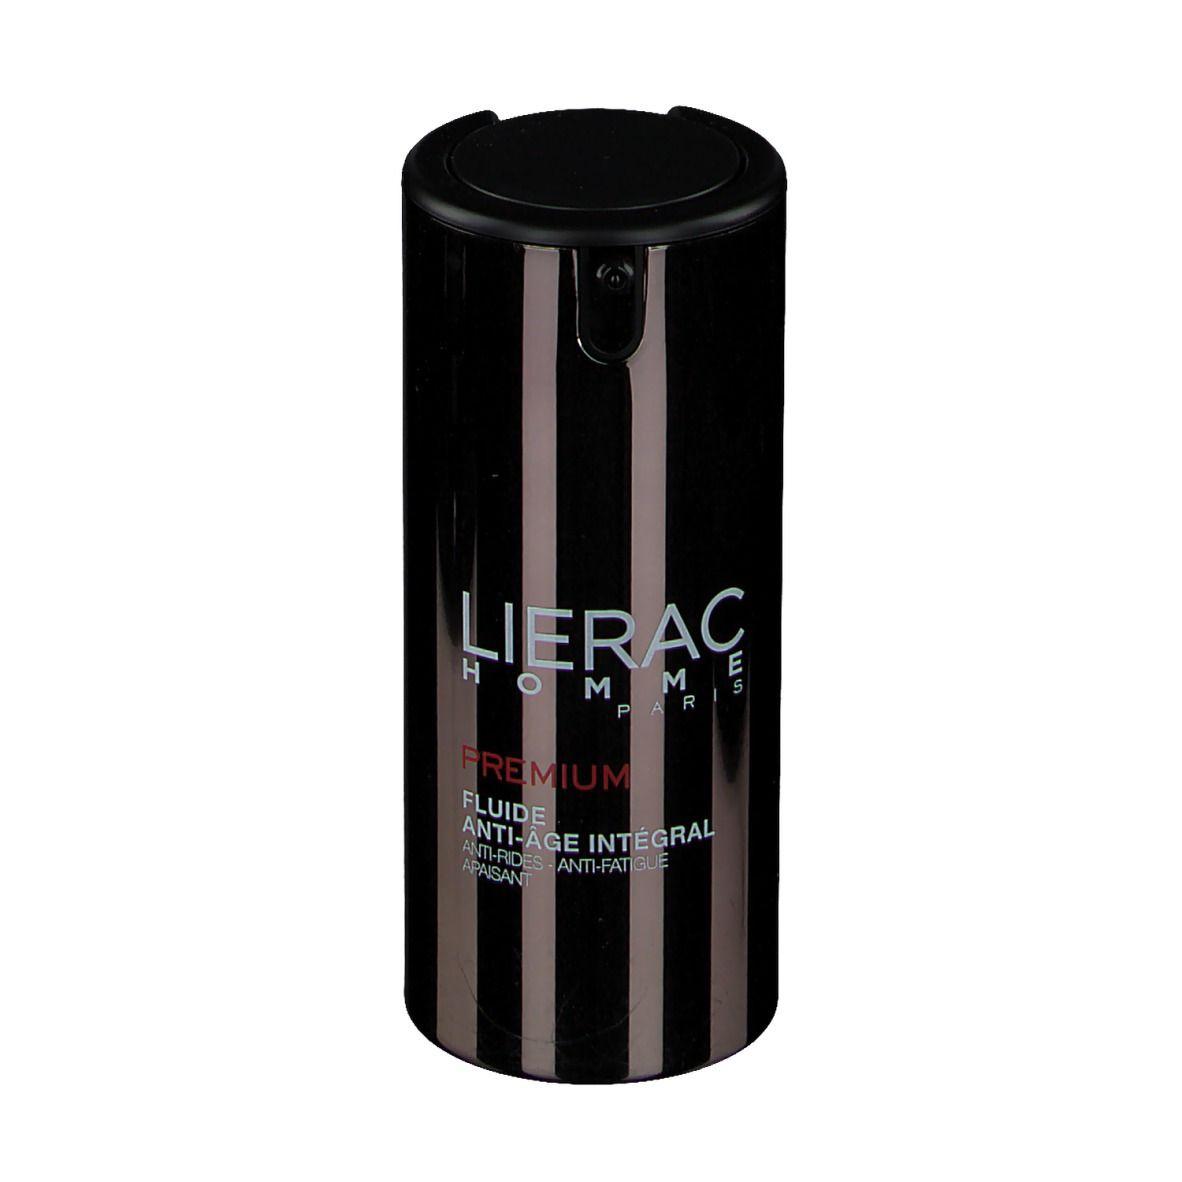 Lierac HOMME Premium fluide anti-âge intégral - shop..